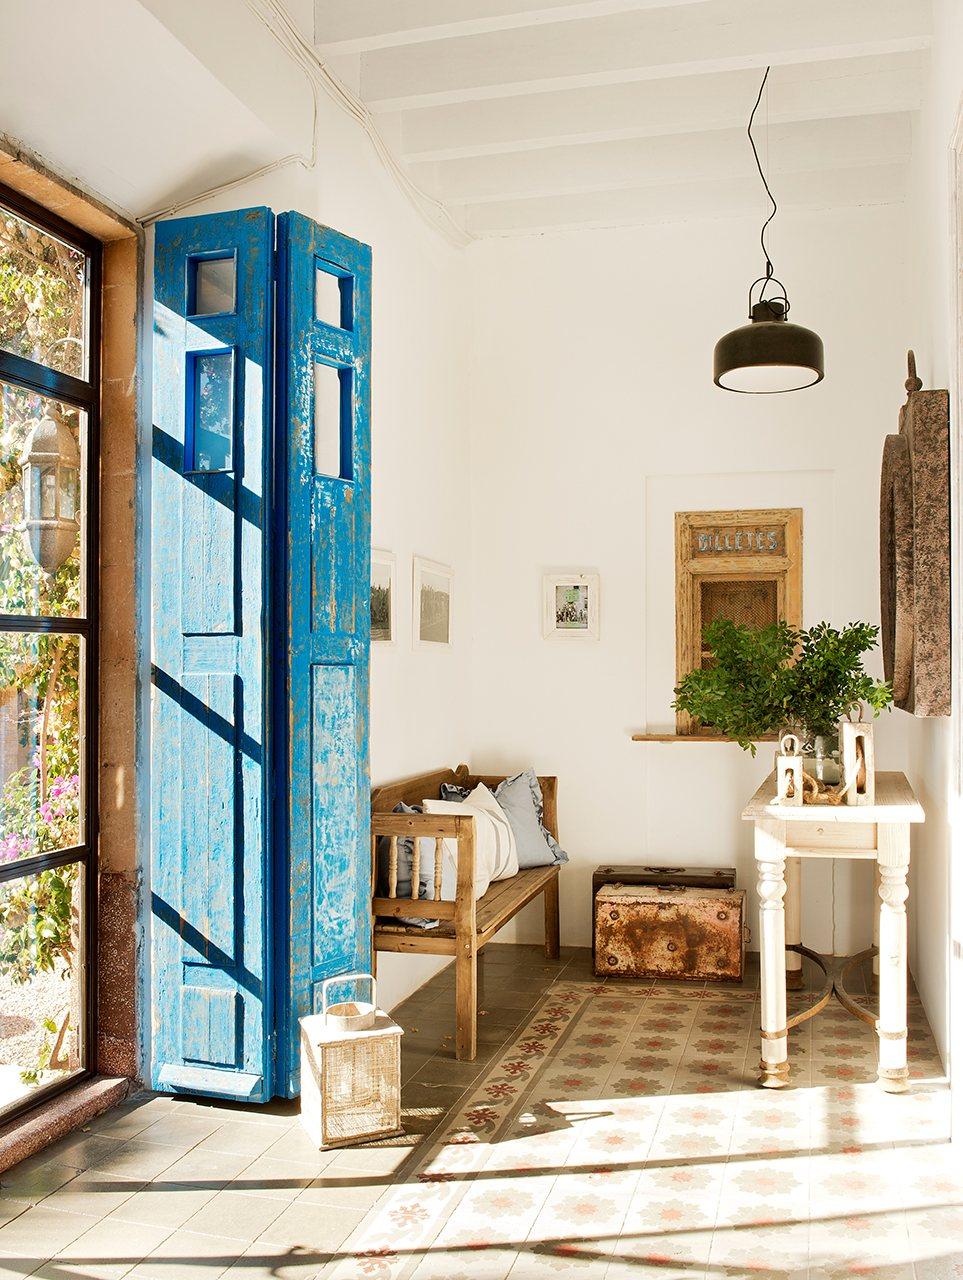 Entradas De Casas Decoraci N De Entradas De Casas R Sticas Y Modernas ~ Decoracion De Entradas De Casas